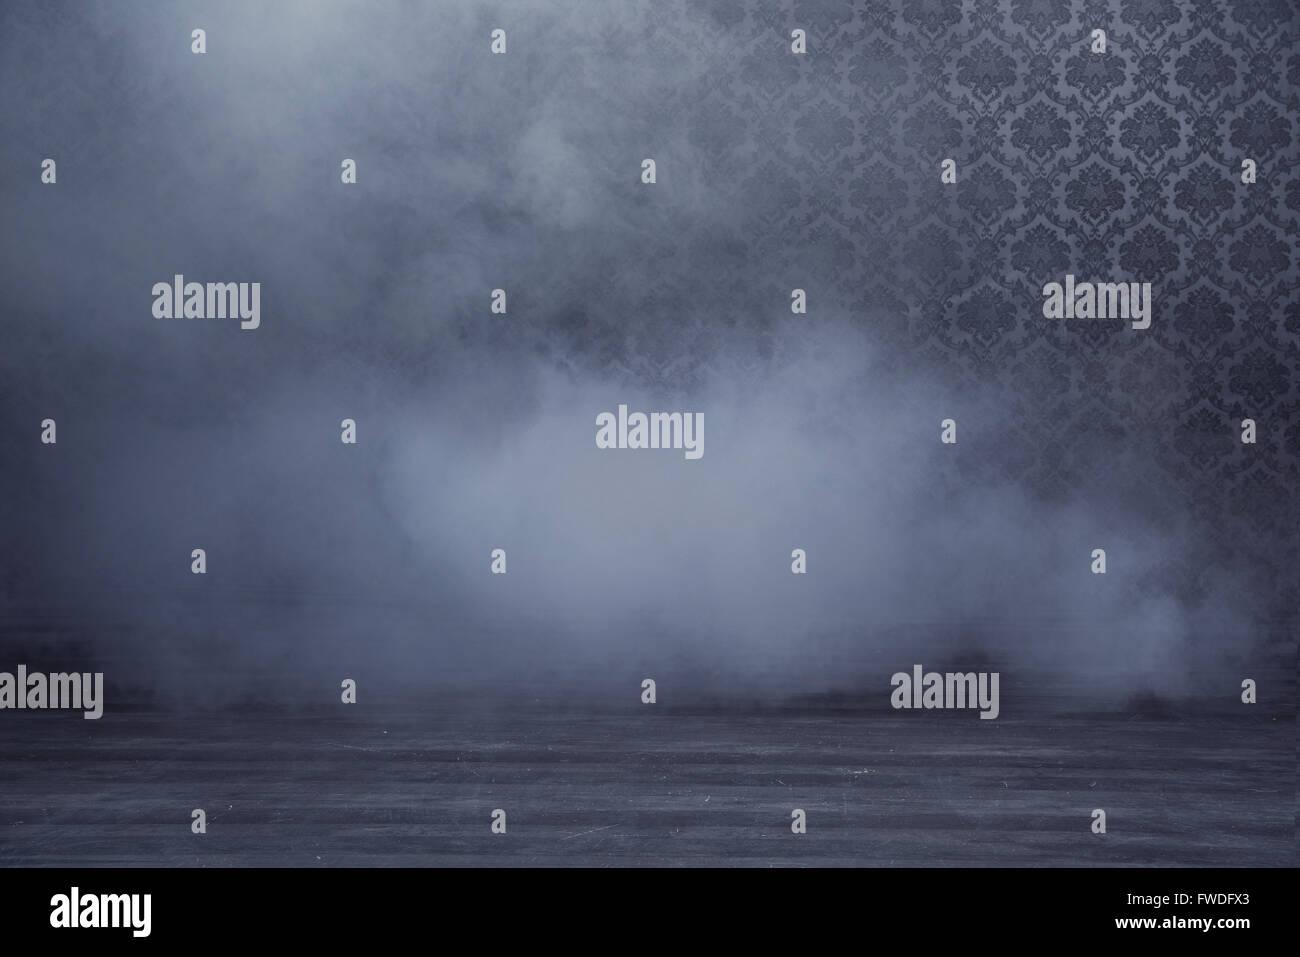 Misteriosa stanza riempita con un denso fumo grigio Immagini Stock